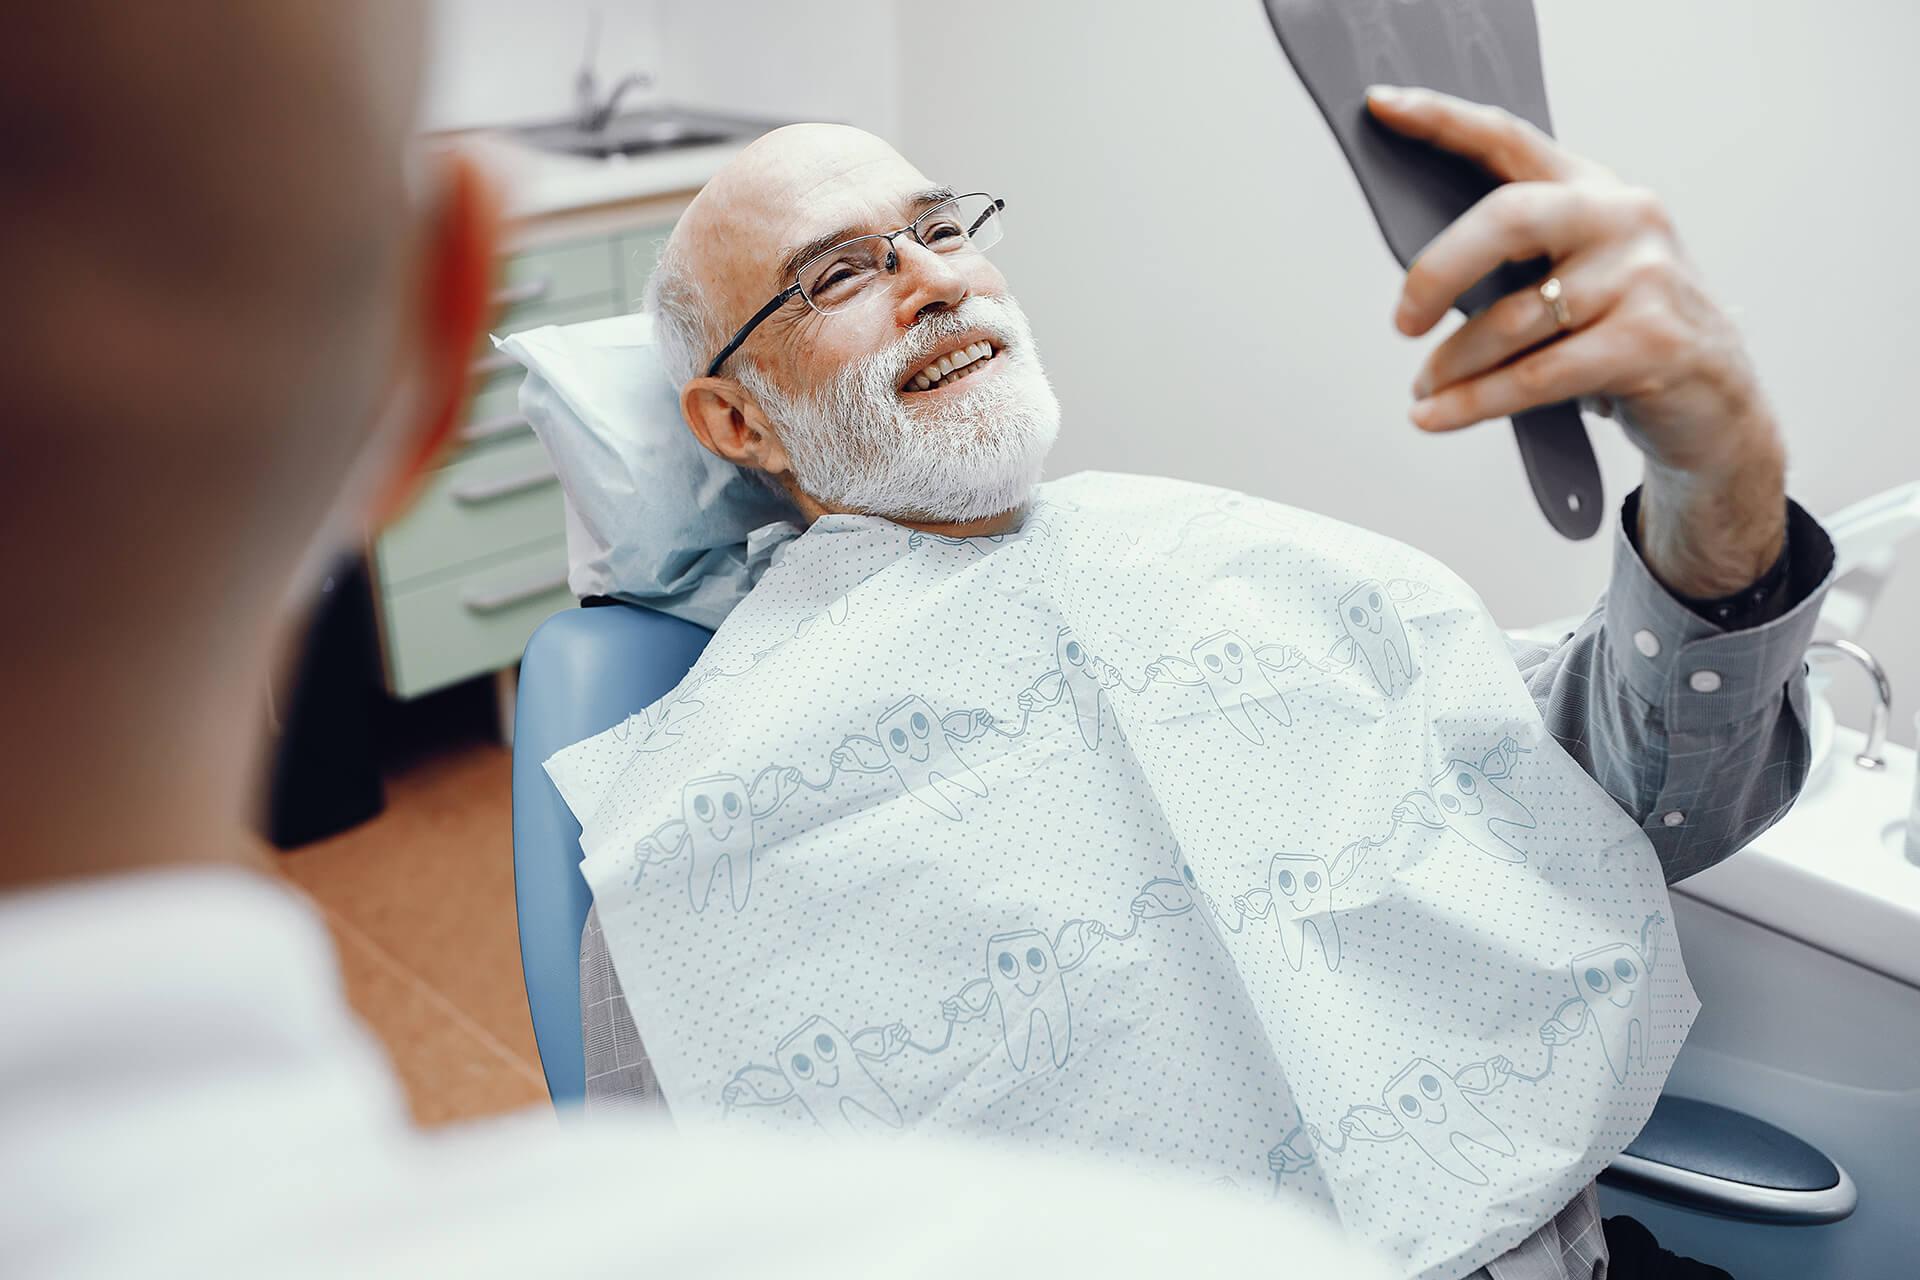 dentures in san jose